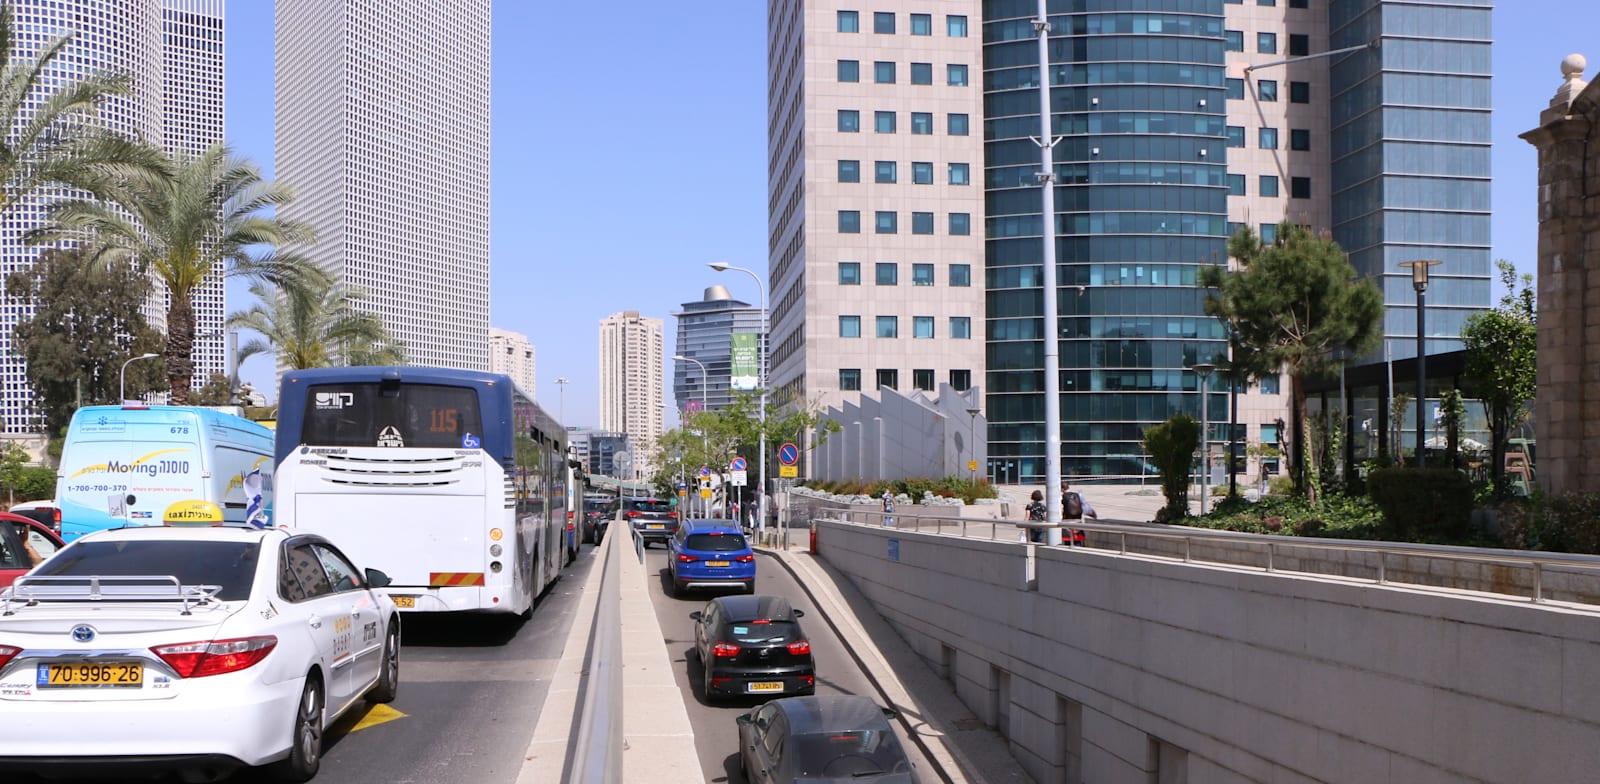 Tel Aviv traffic jam Photo: Cadya Levi